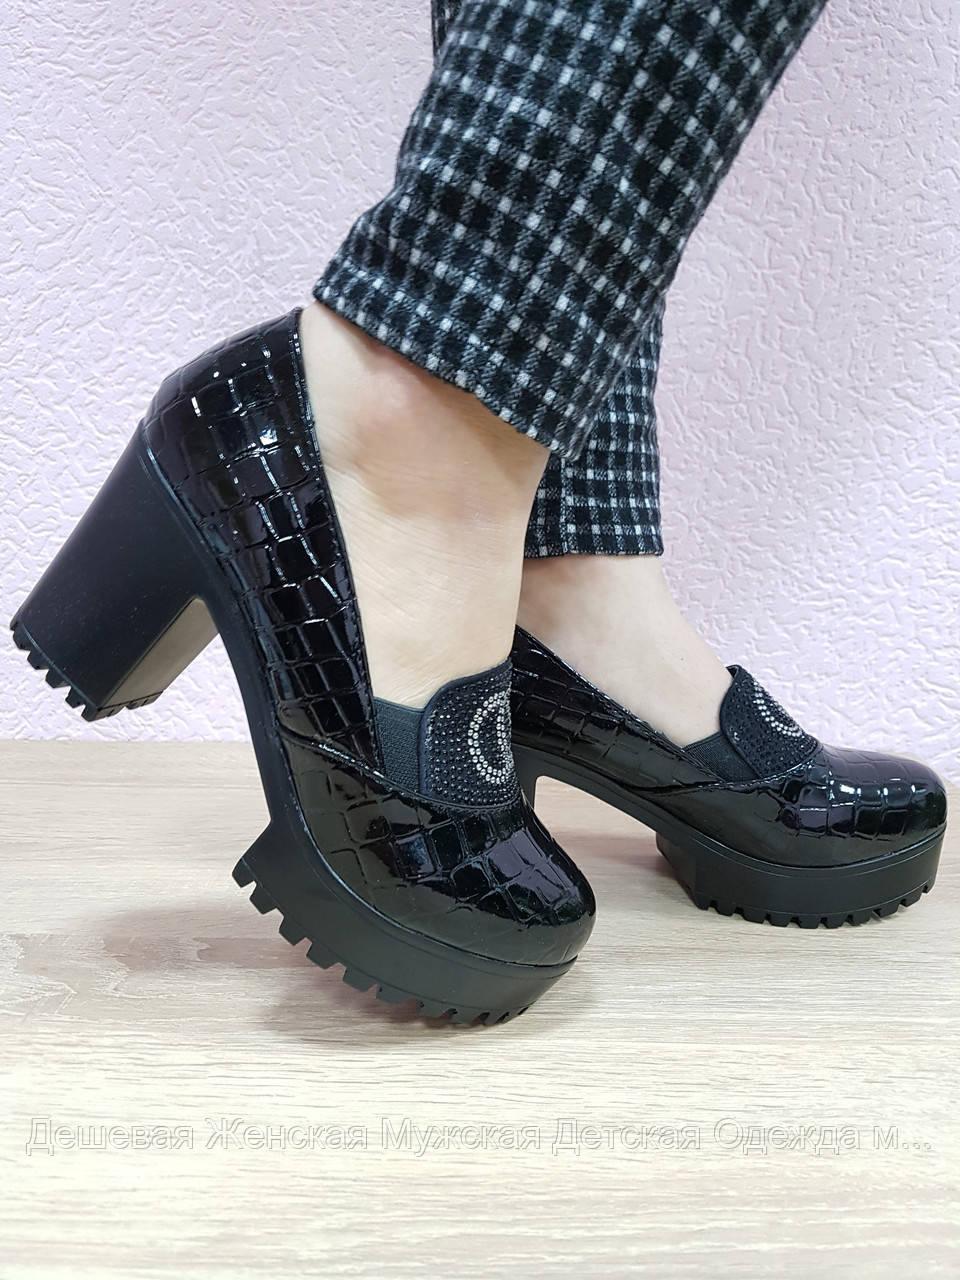 Туфлі жіночі. В ящику 6 пар. Розміри 36-40. Повтор 38